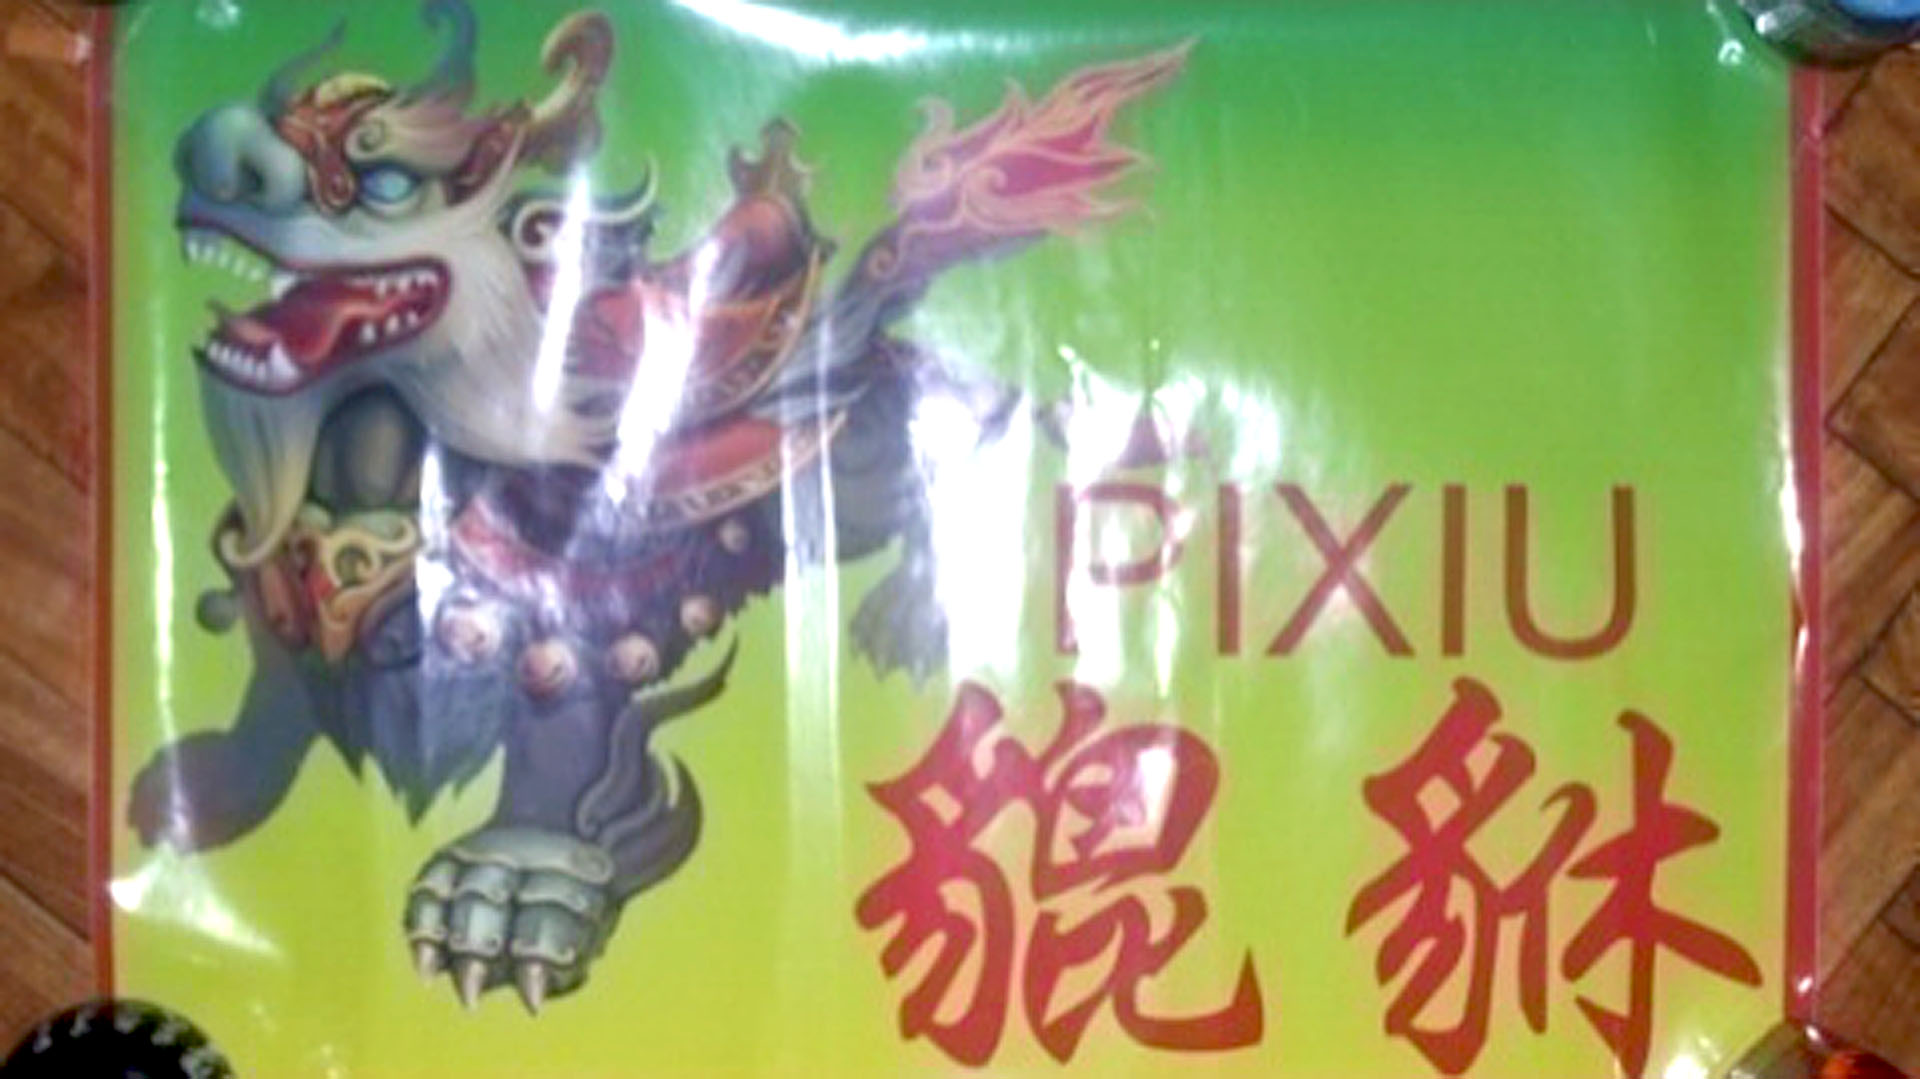 Sticker del clan Pixiu, visible en los supermercados que extorsionaba